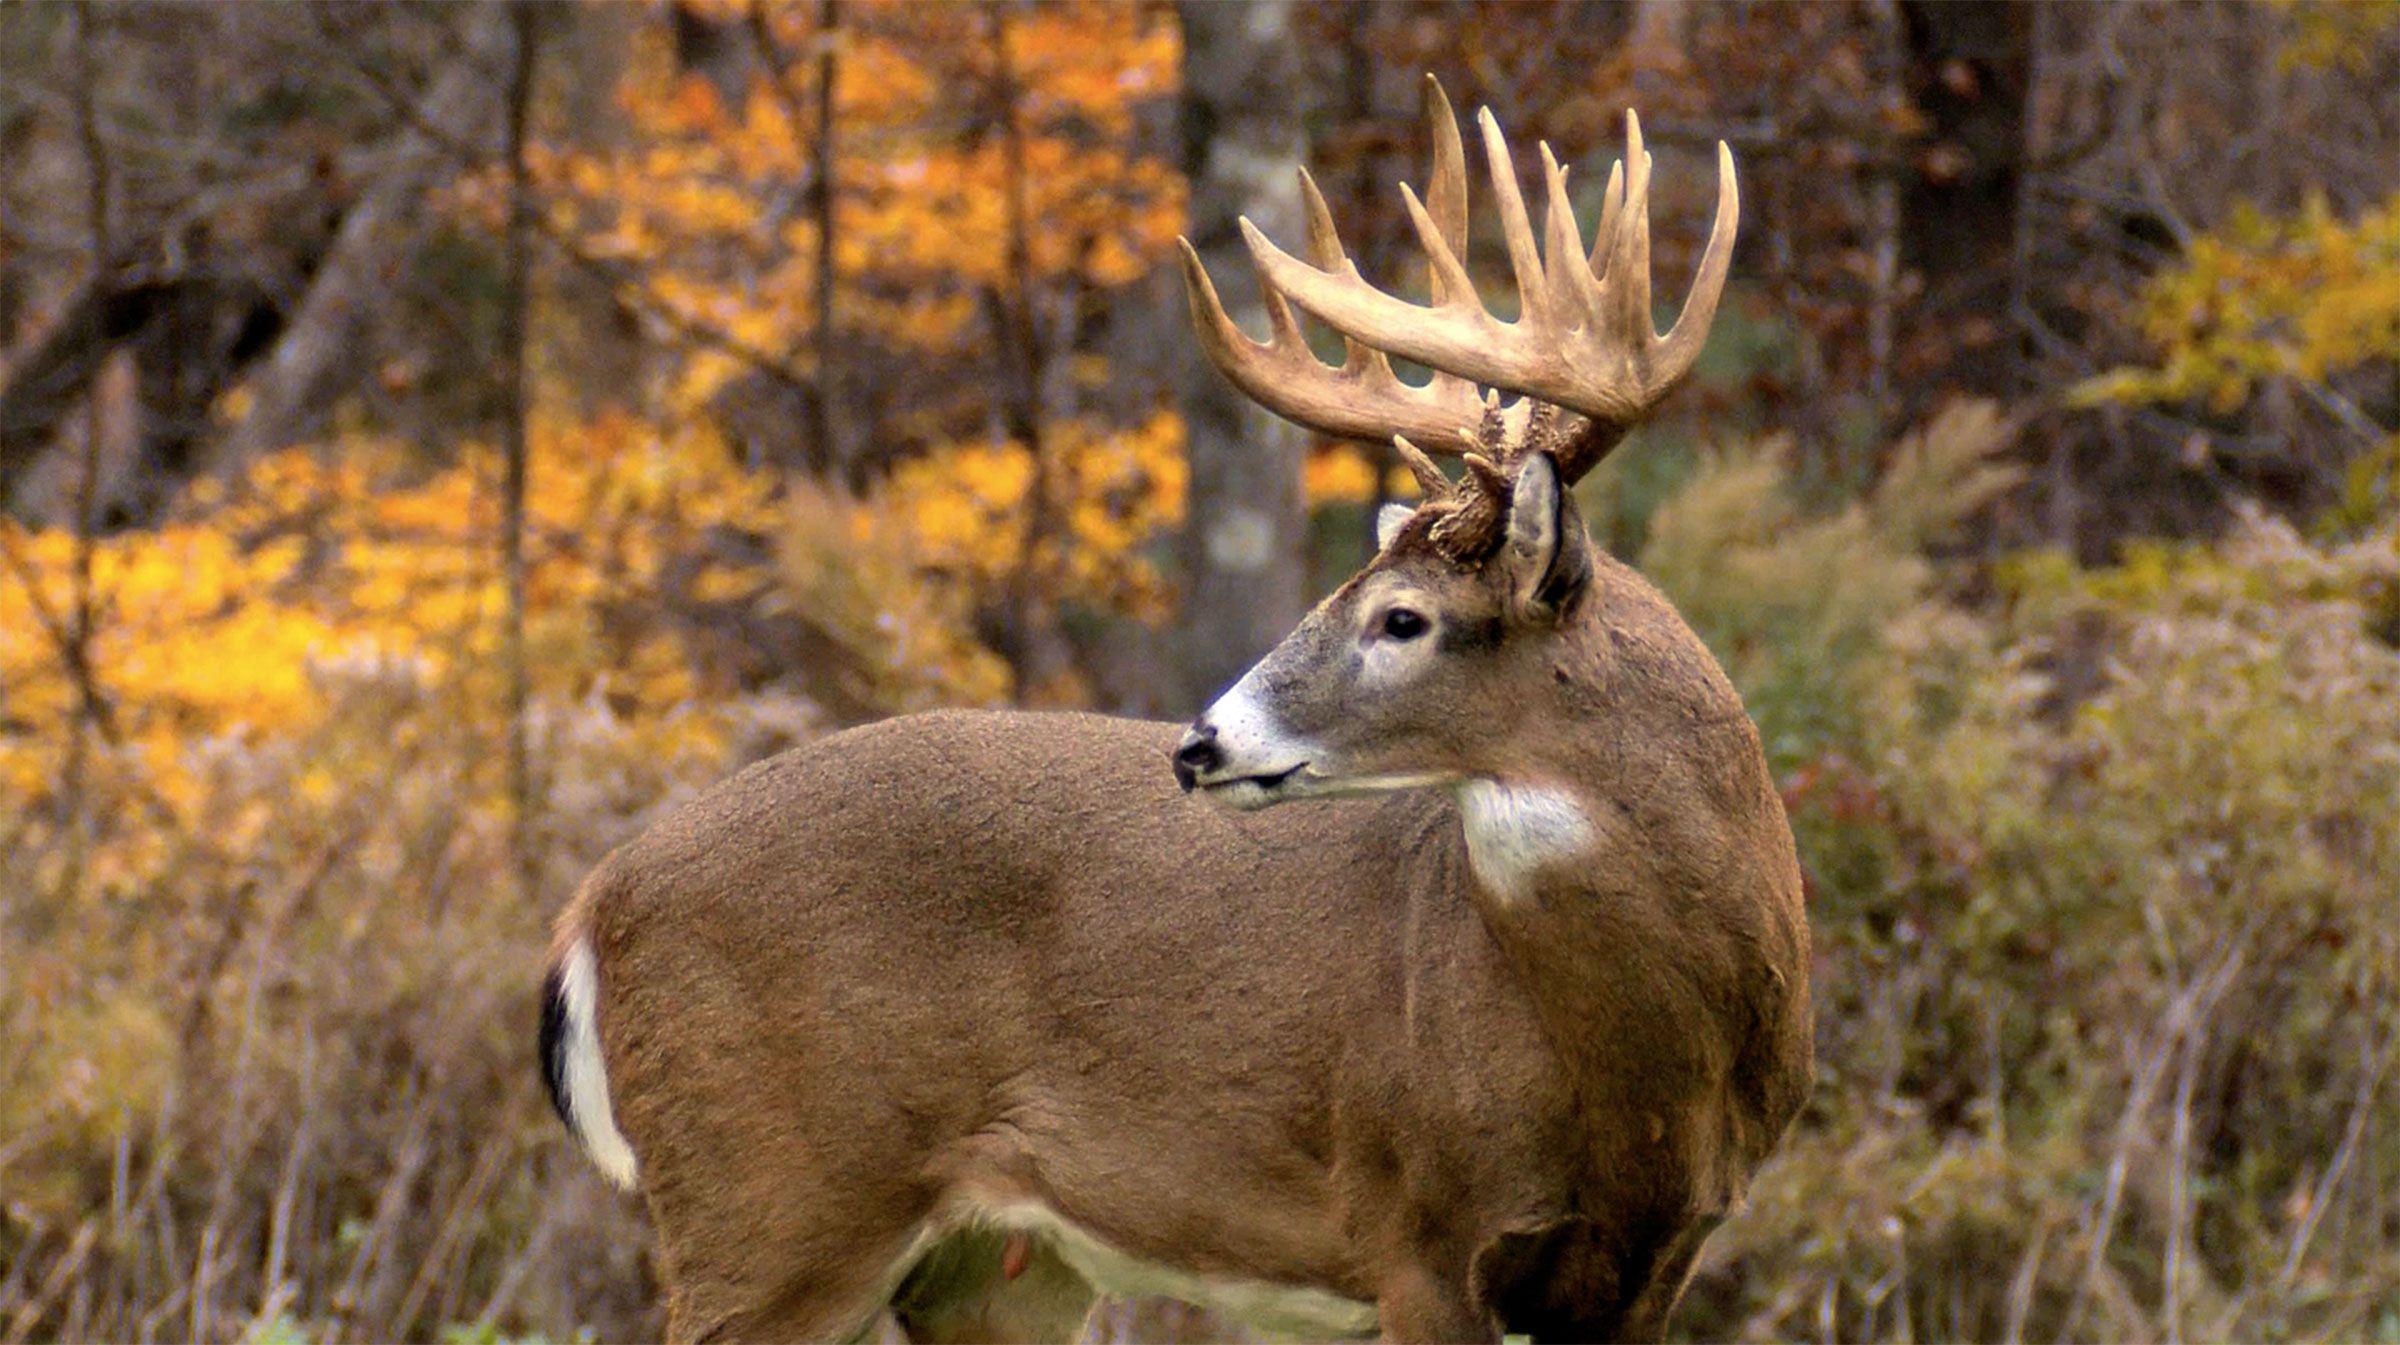 Deer & Deer Hunting | Whitetail Deer Hunting Tips |